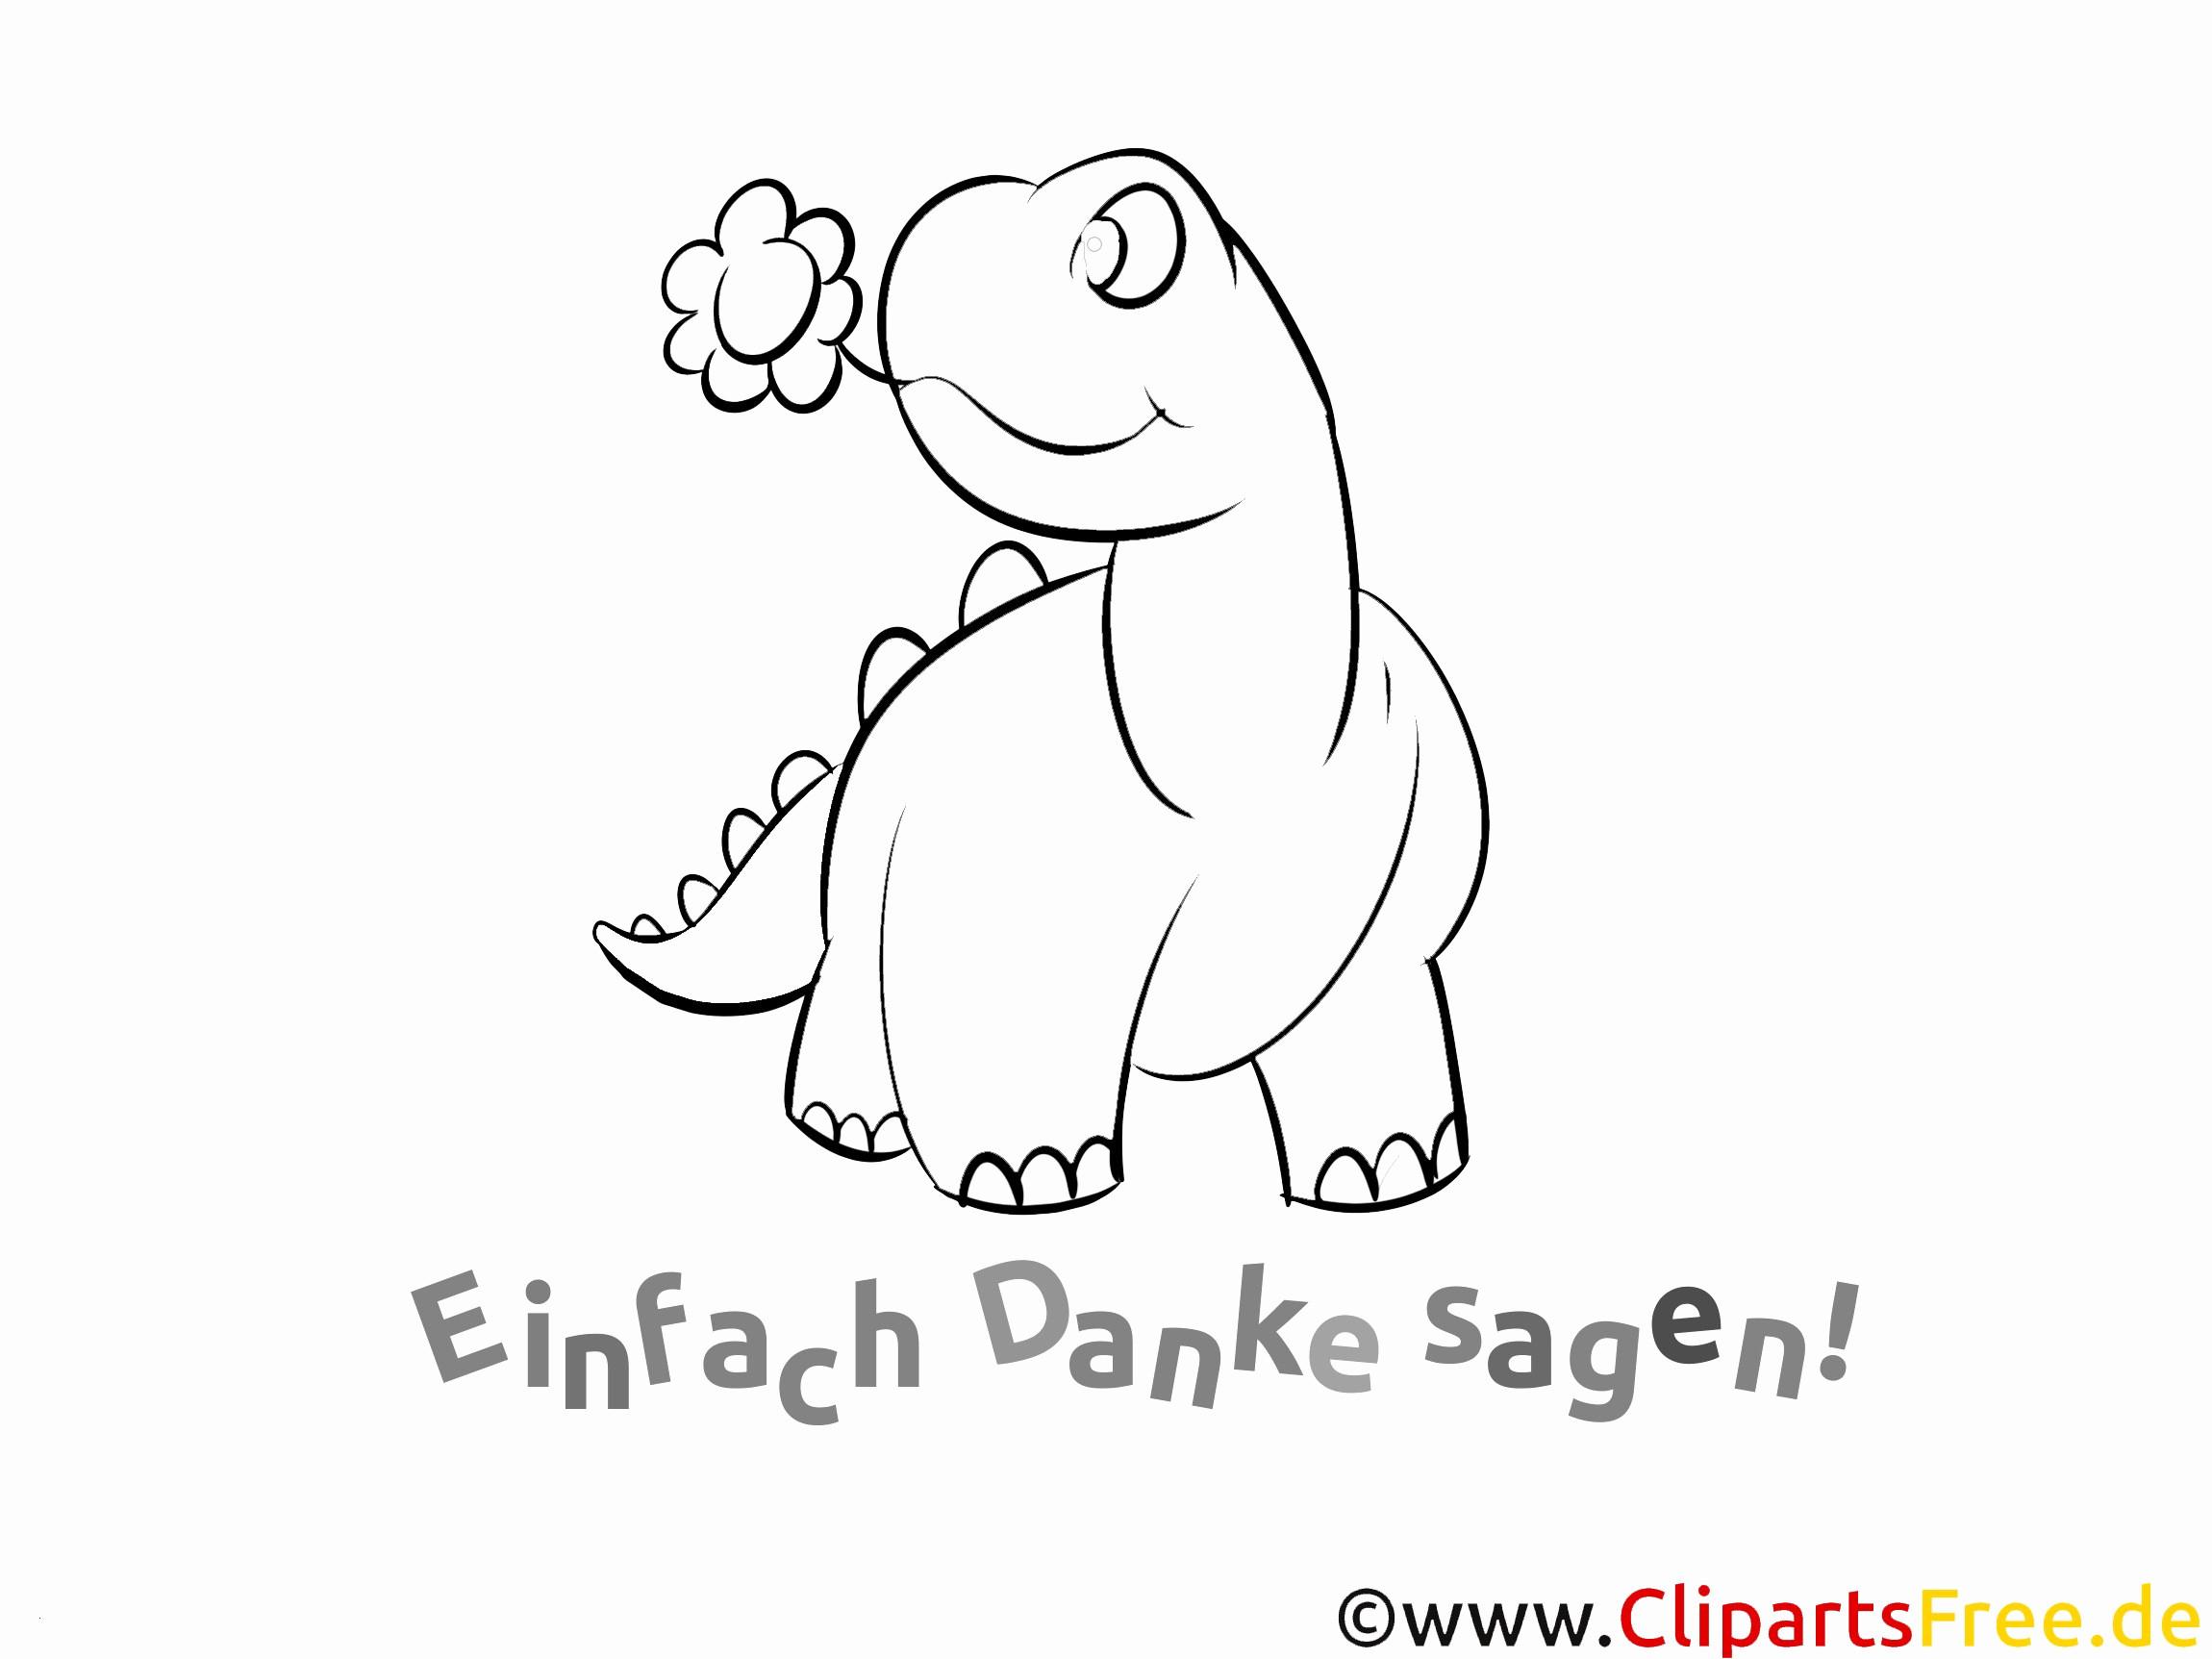 Baby Ohnezahn Ausmalbilder Frisch Ohnezahn Bilder Zum Drucken Best 35 Dragons Ohnezahn Ausmalbilder Fotos